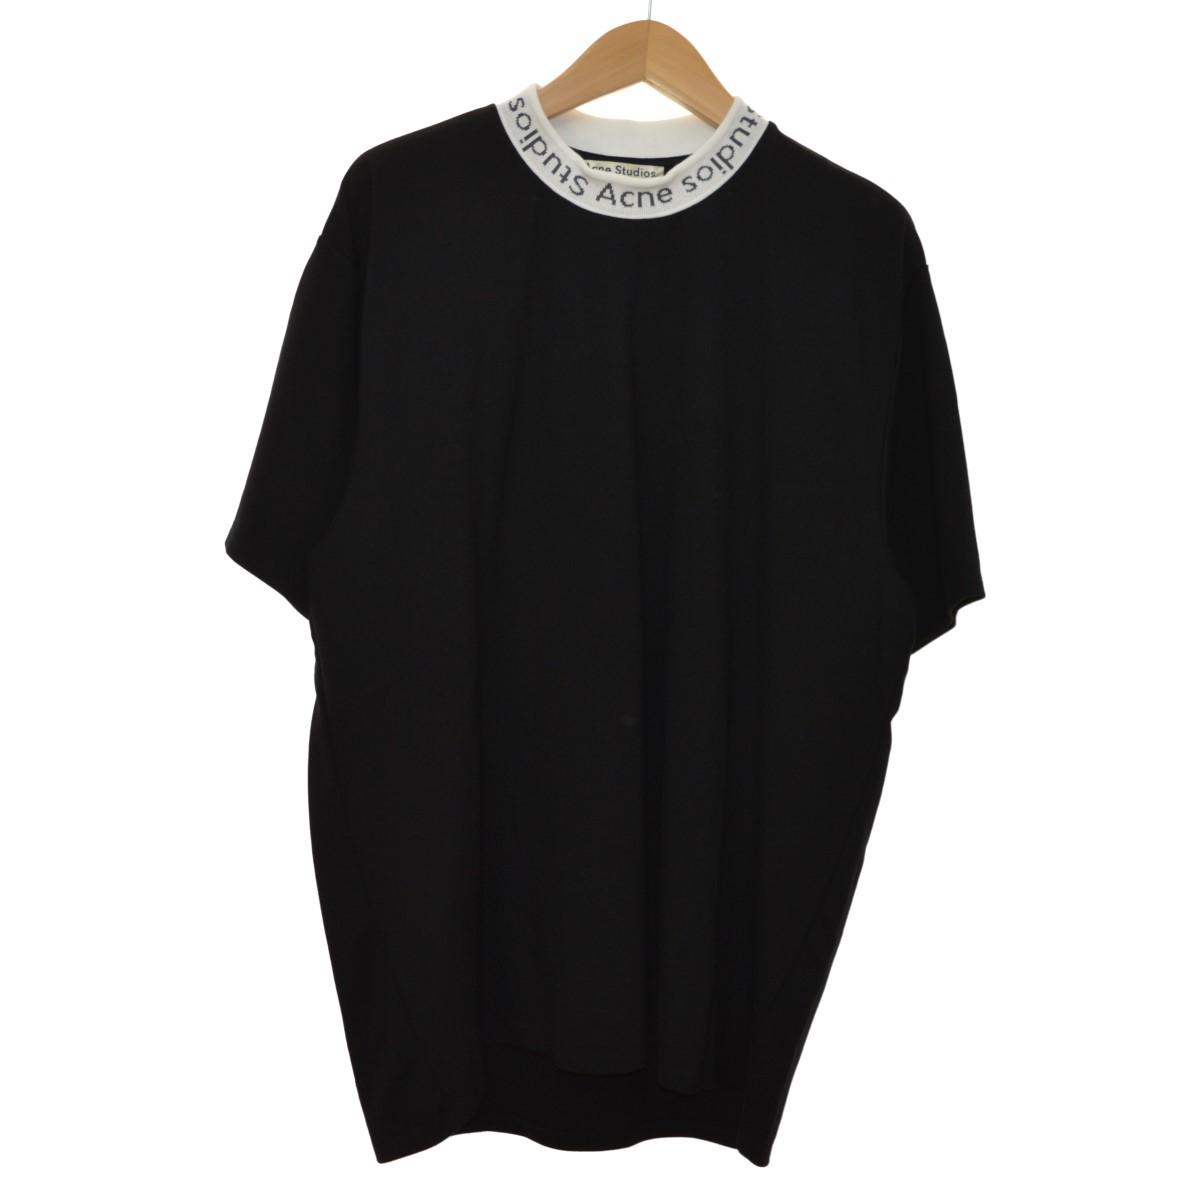 【中古】ACNE STUDIOS NAVID TEE ハイネックTシャツ ブラック サイズ:XL 【110420】(アクネストゥディオズ)